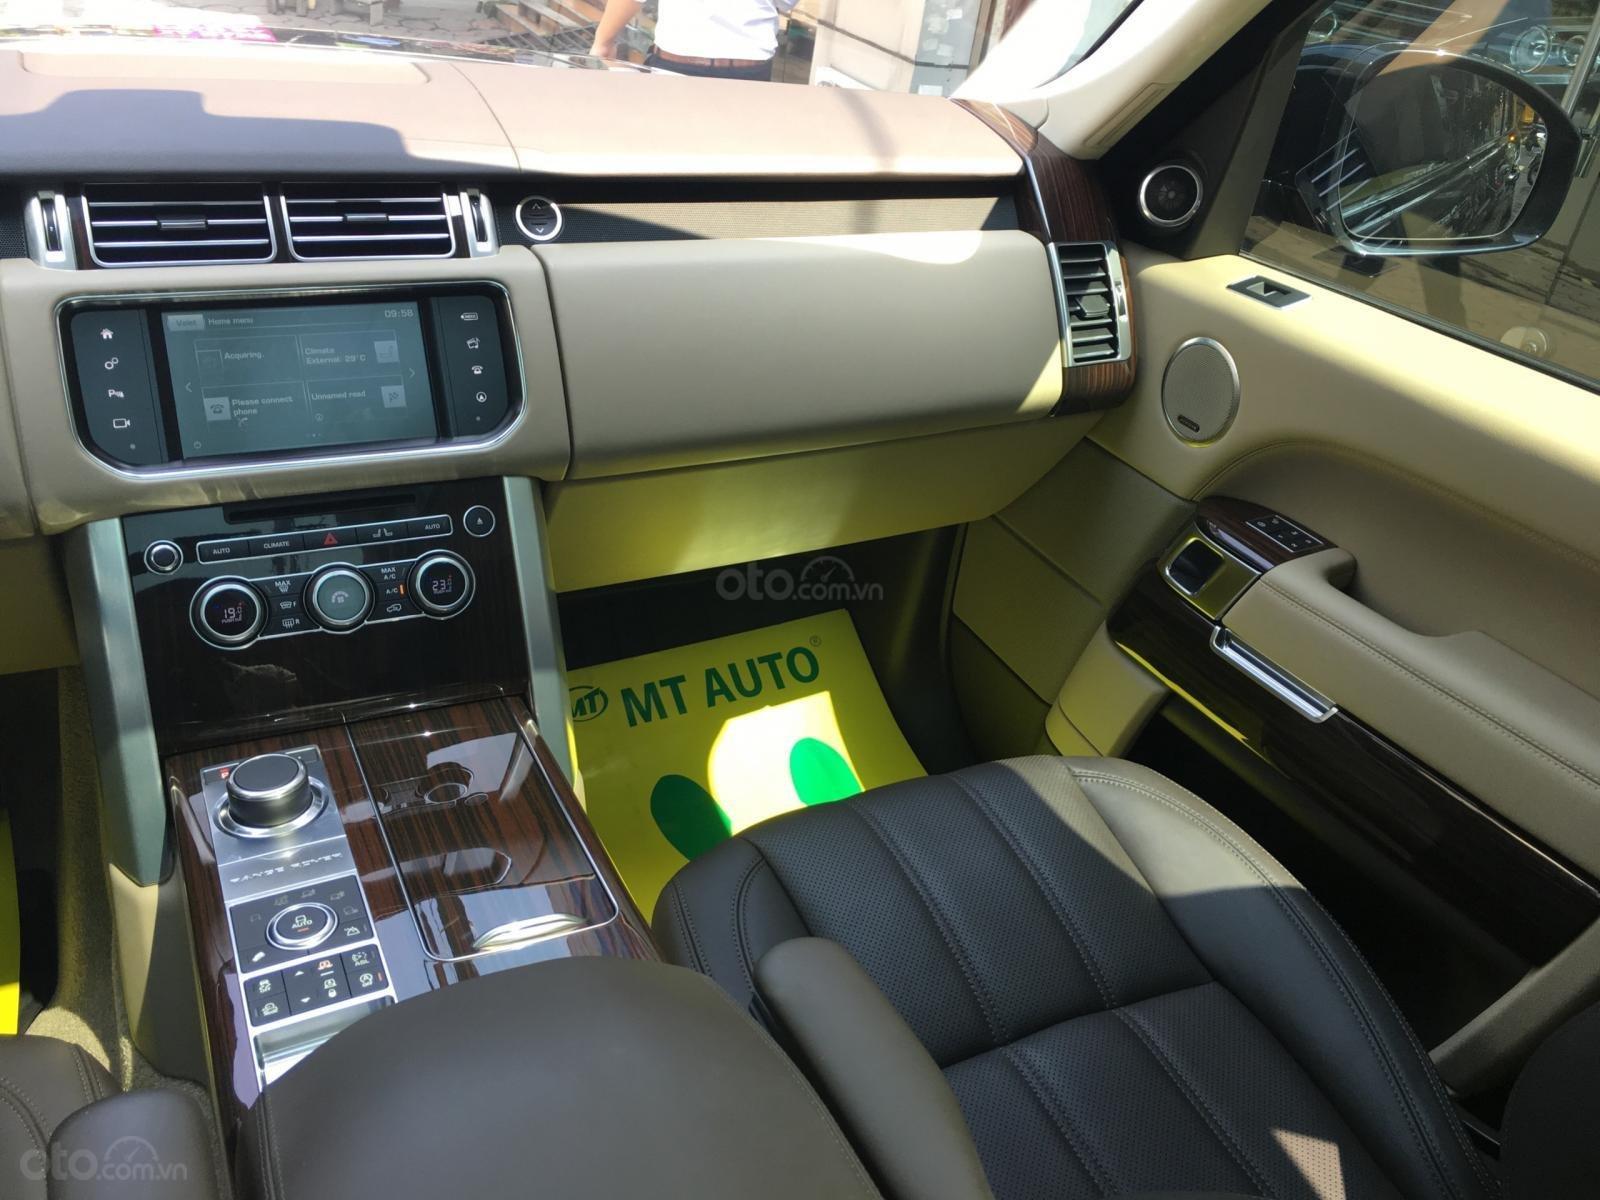 Cần bán LandRover Range Rover HSE 3.0 sản xuất 2016, màu đen, nhập khẩu - LH: 0982.842838 (13)